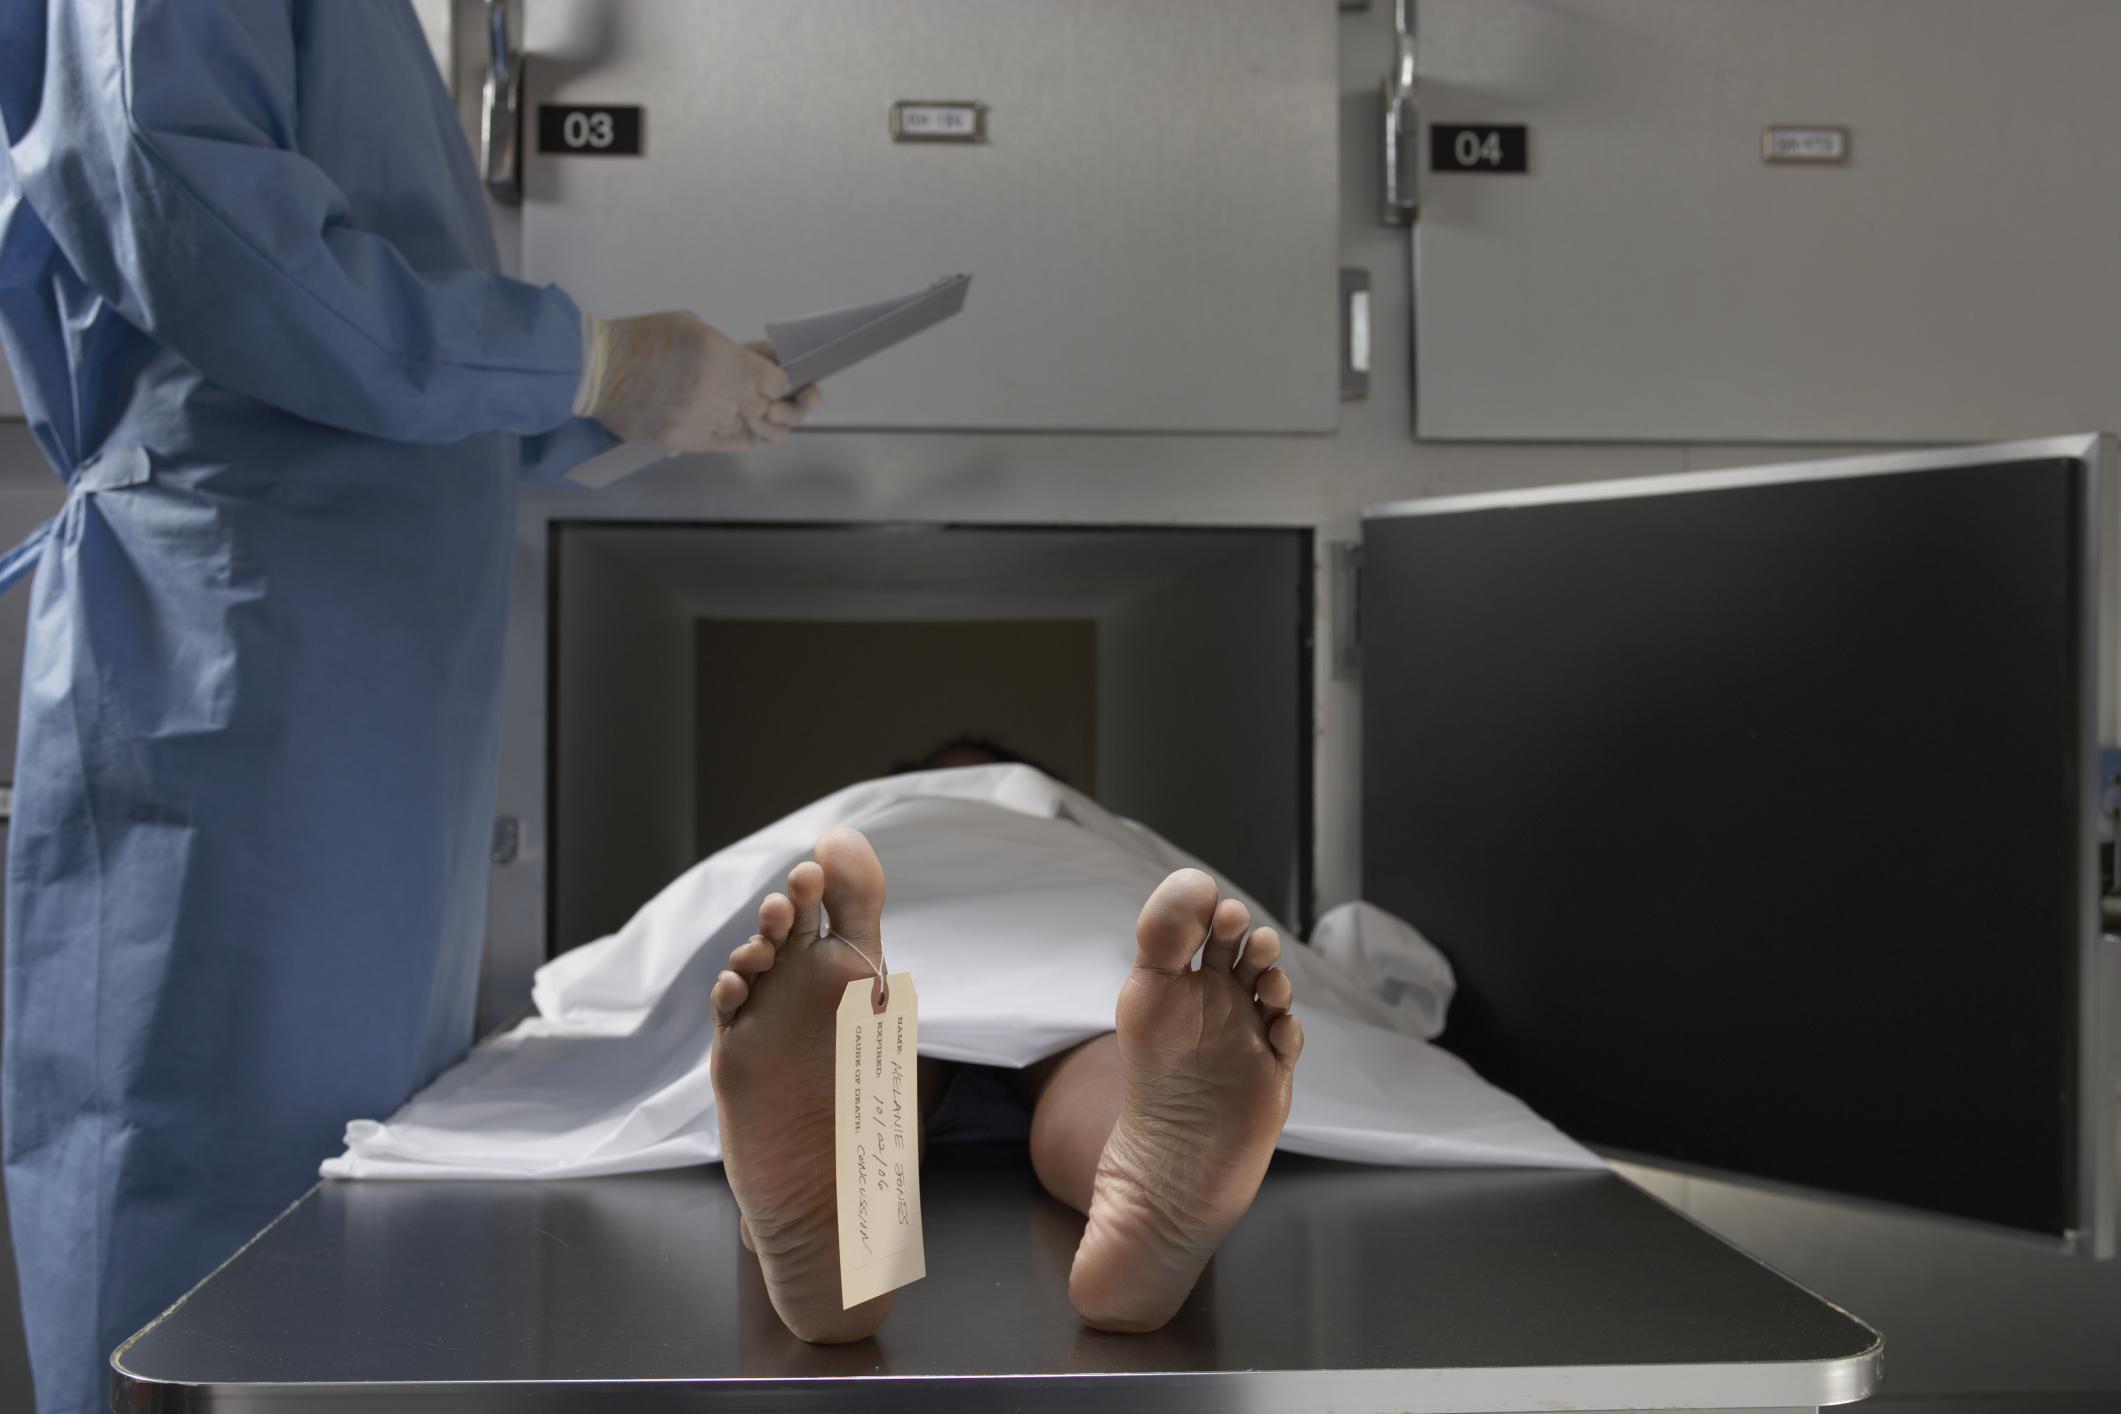 ВПензенской области ищут свидетелей ДТП, вкотором насмерть сбили пенсионера